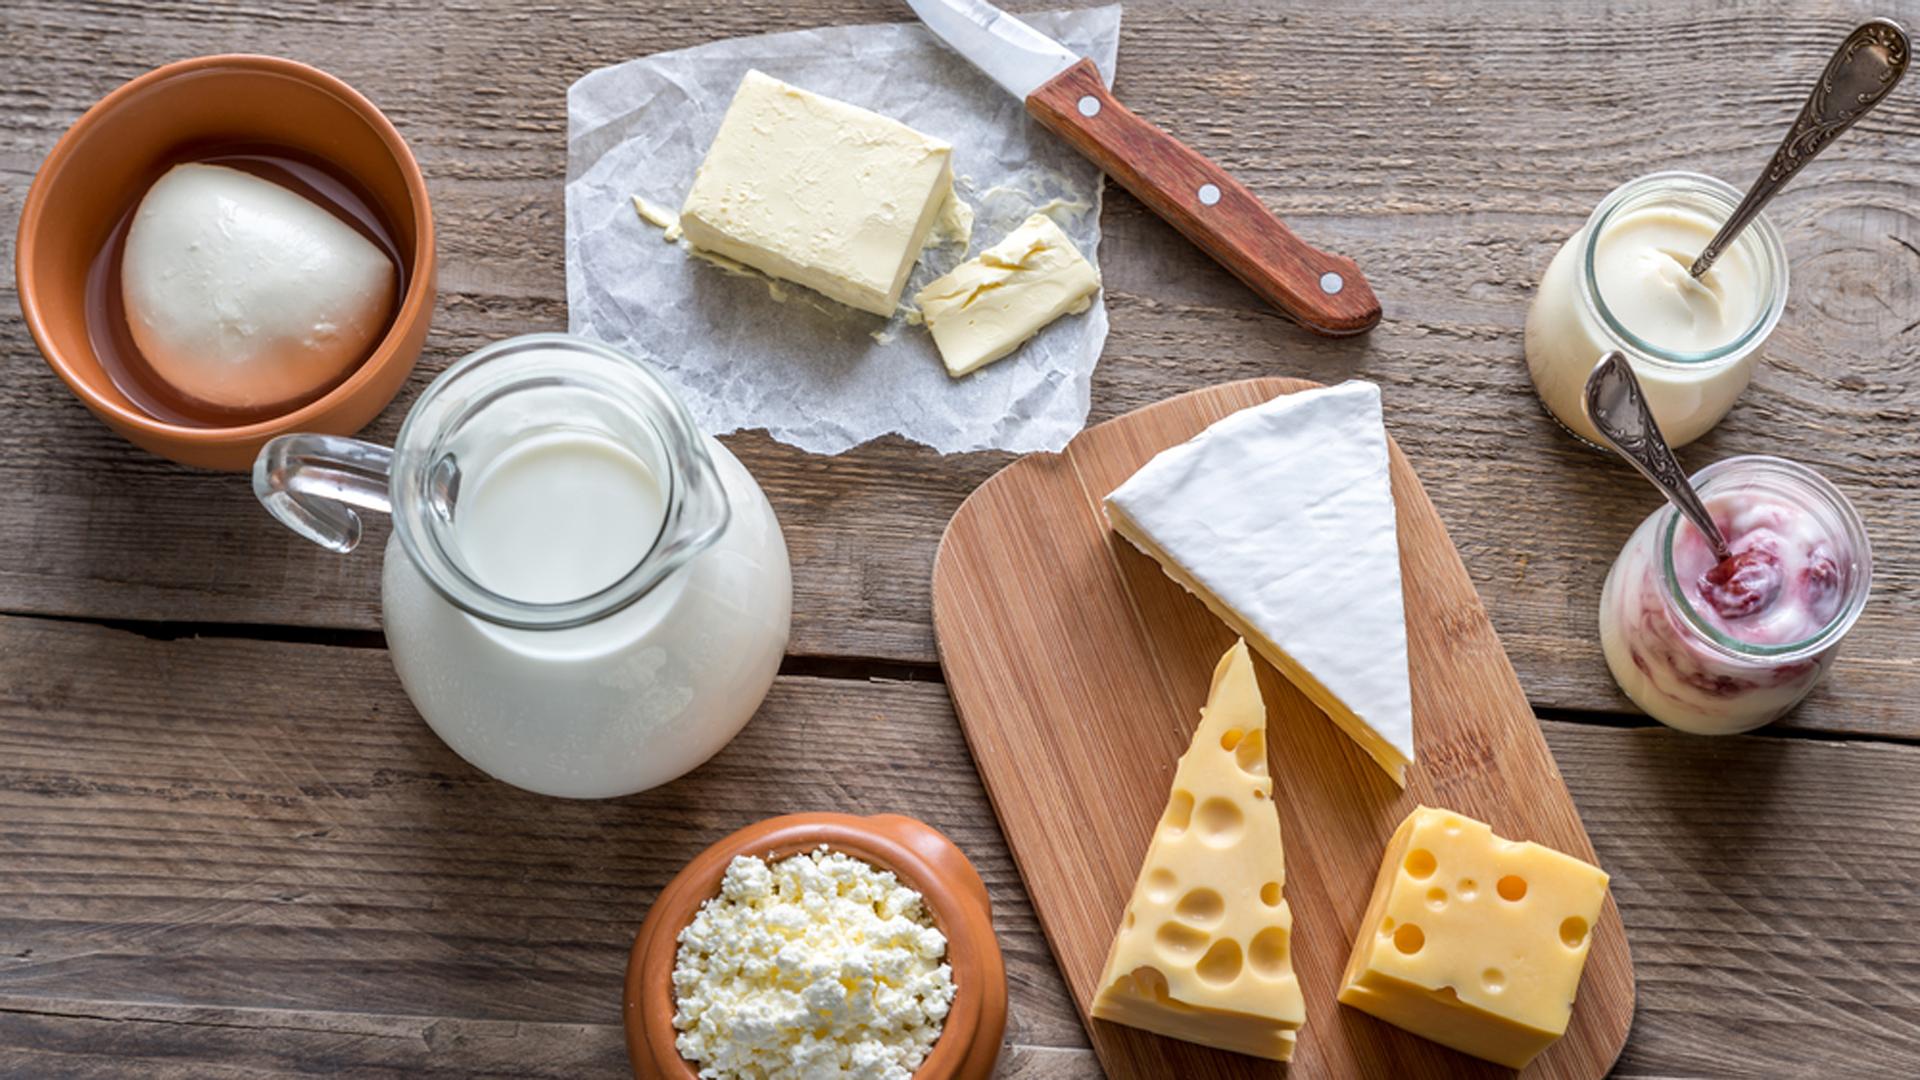 Para muchos nutricionistas, los lácteos son fundamentales en la dieta (Shutterstock)